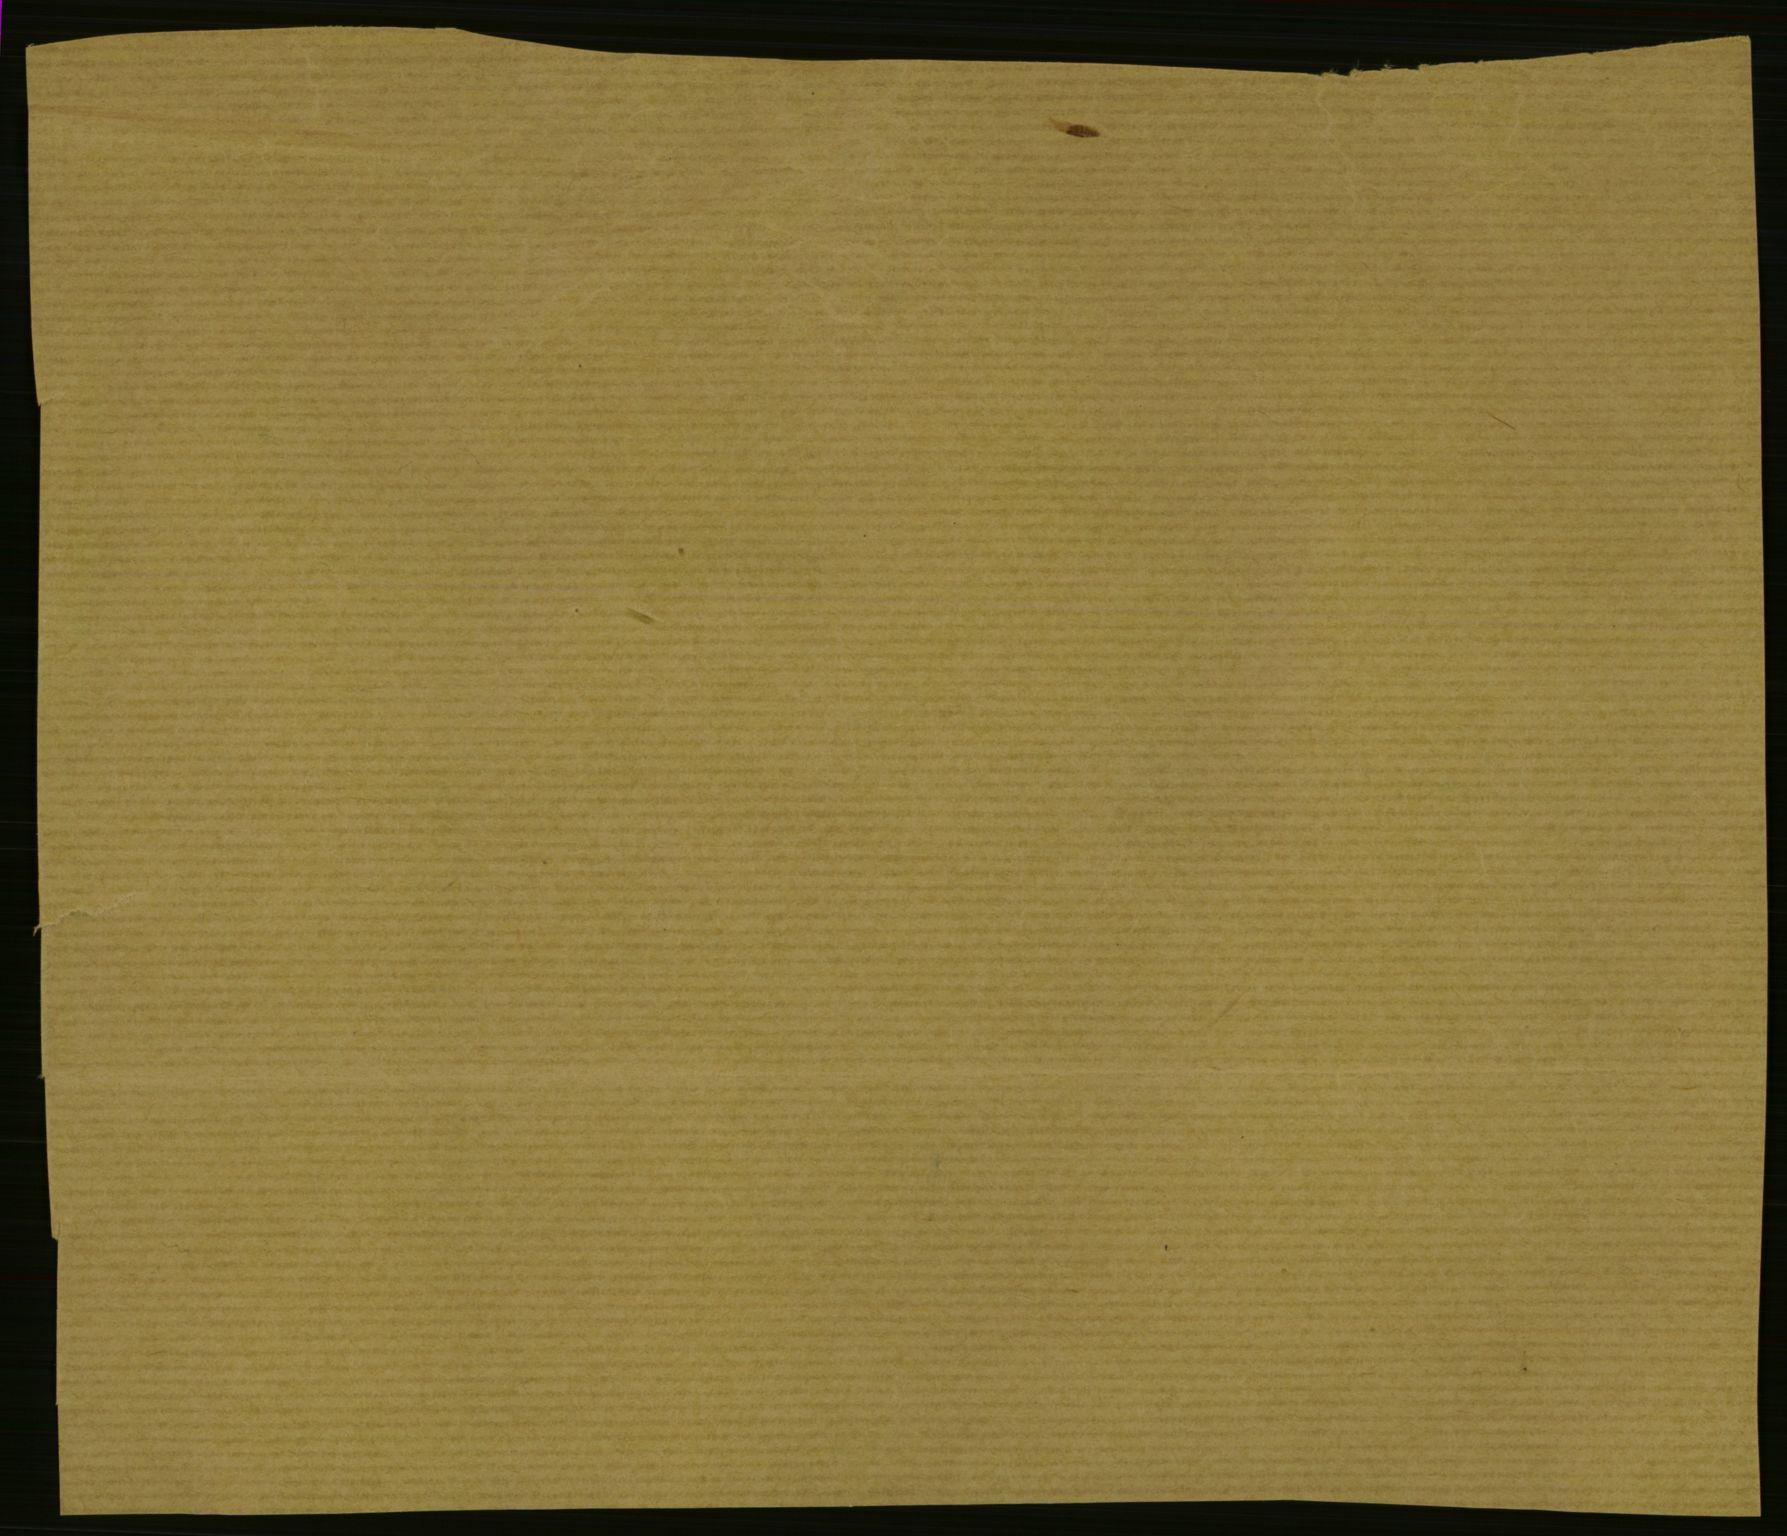 RA, Statistisk sentralbyrå, Sosiodemografiske emner, Befolkning, D/Df/Dfa/Dfaa/L0014: Bergen: Fødte, gifte, døde, 1903, s. 2